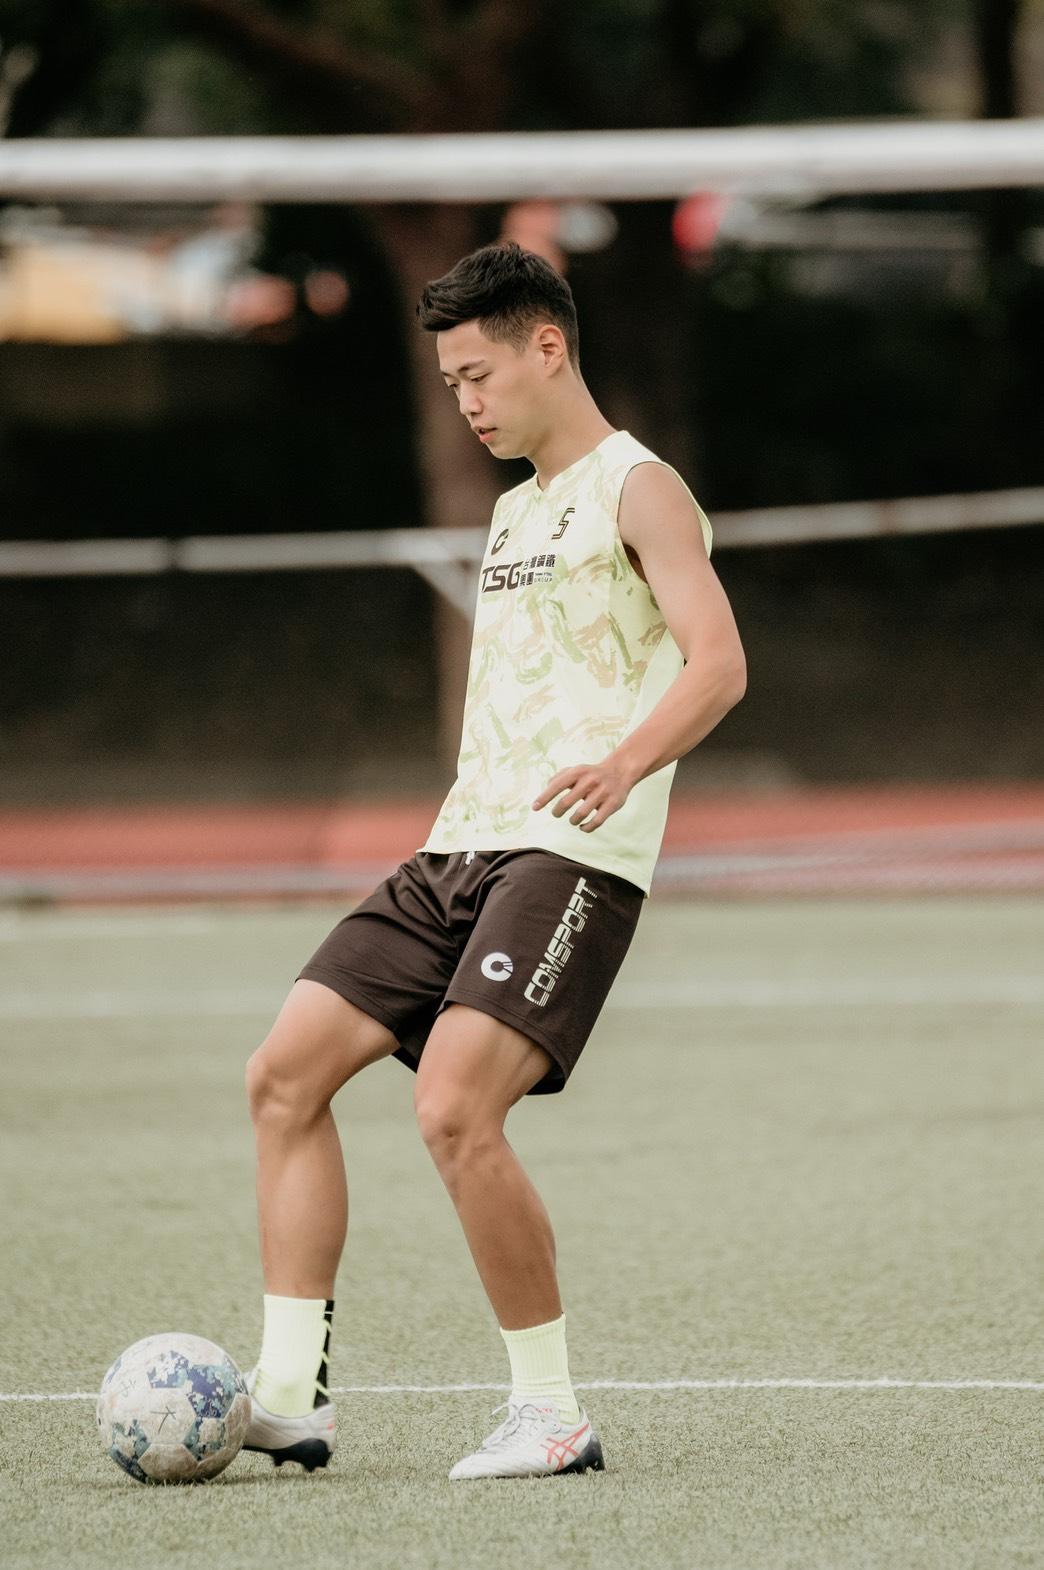 賽事沒人看、待遇低,國家隊足球員程昊:堅持是因不想後悔